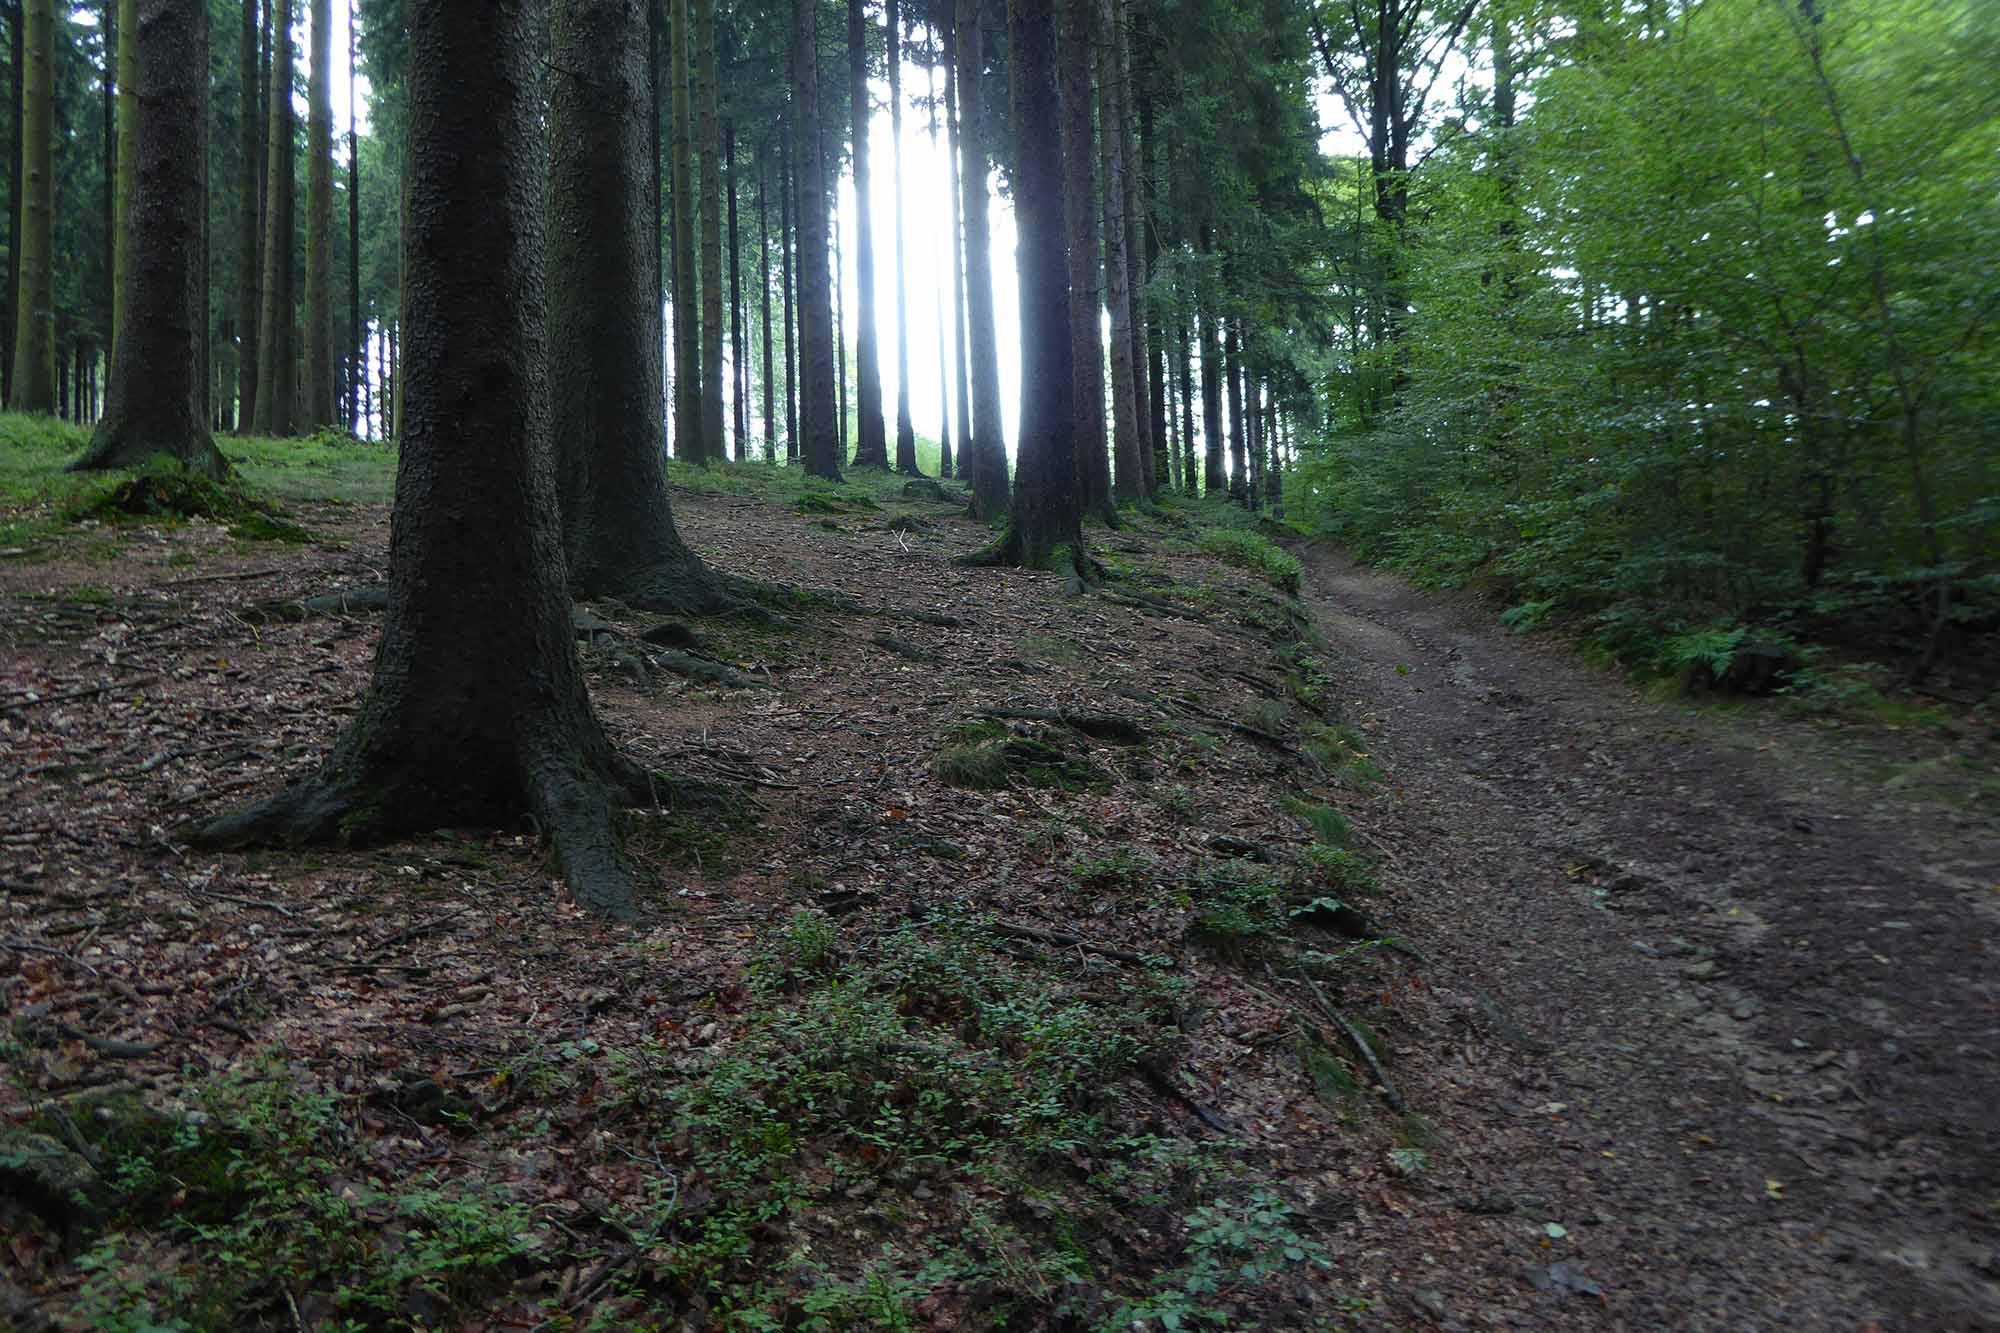 Interessant Jugendzimmer Wald ~ Es wird wieder interessant im wald die schlenderer